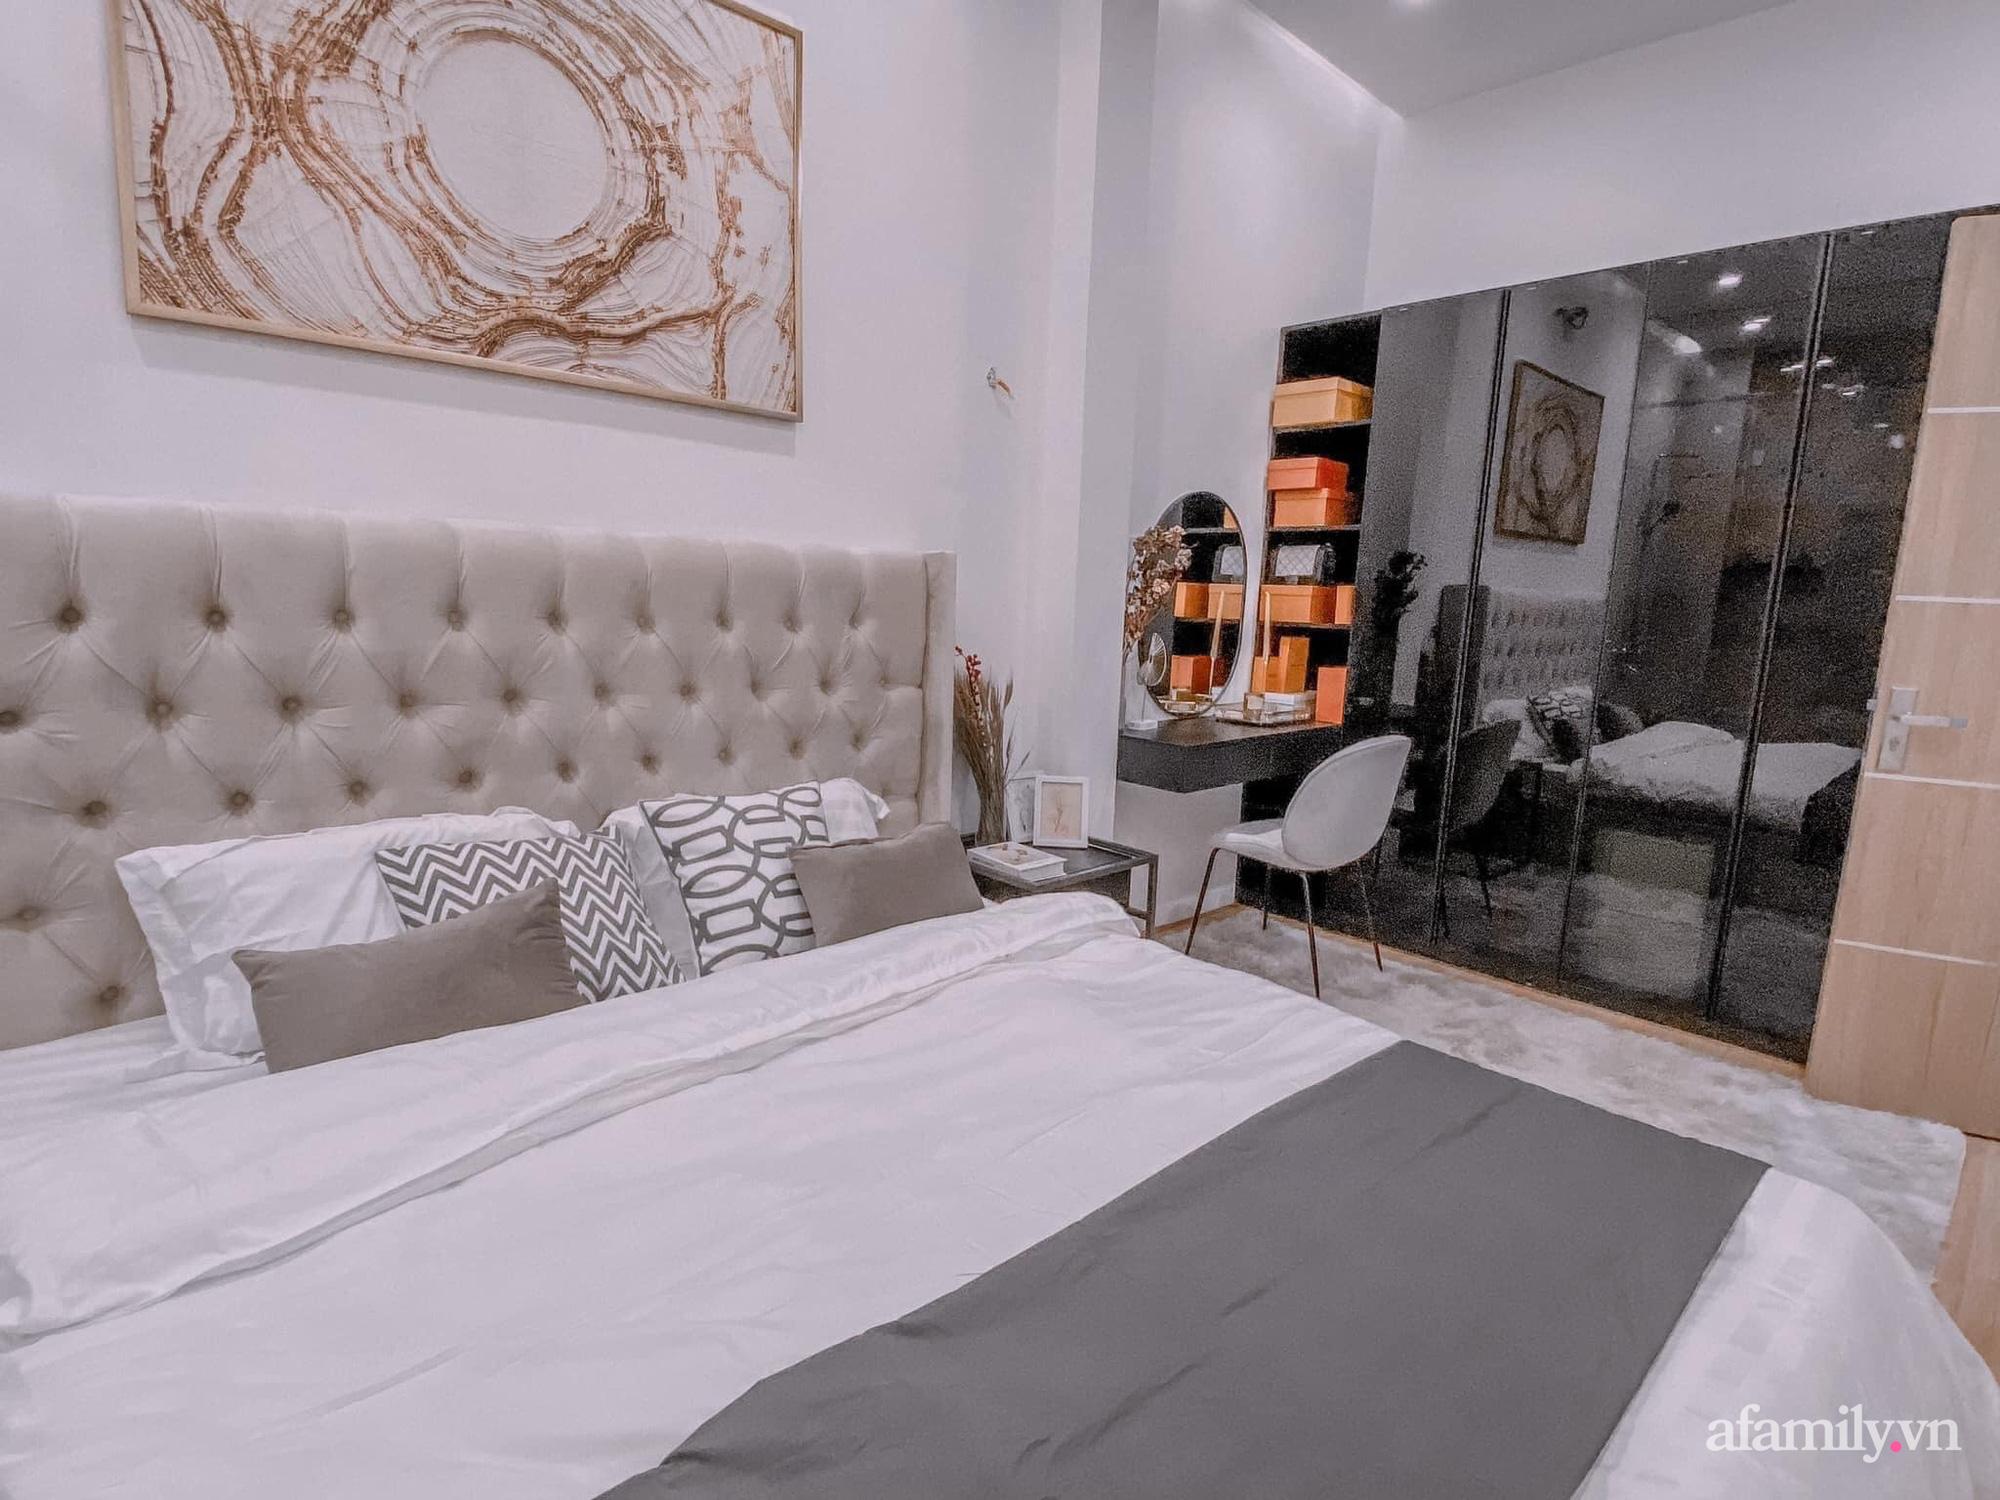 Nhà phố 70m² đẹp tiện nghi với những gam màu thân thiện ở Đà Nẵng-12